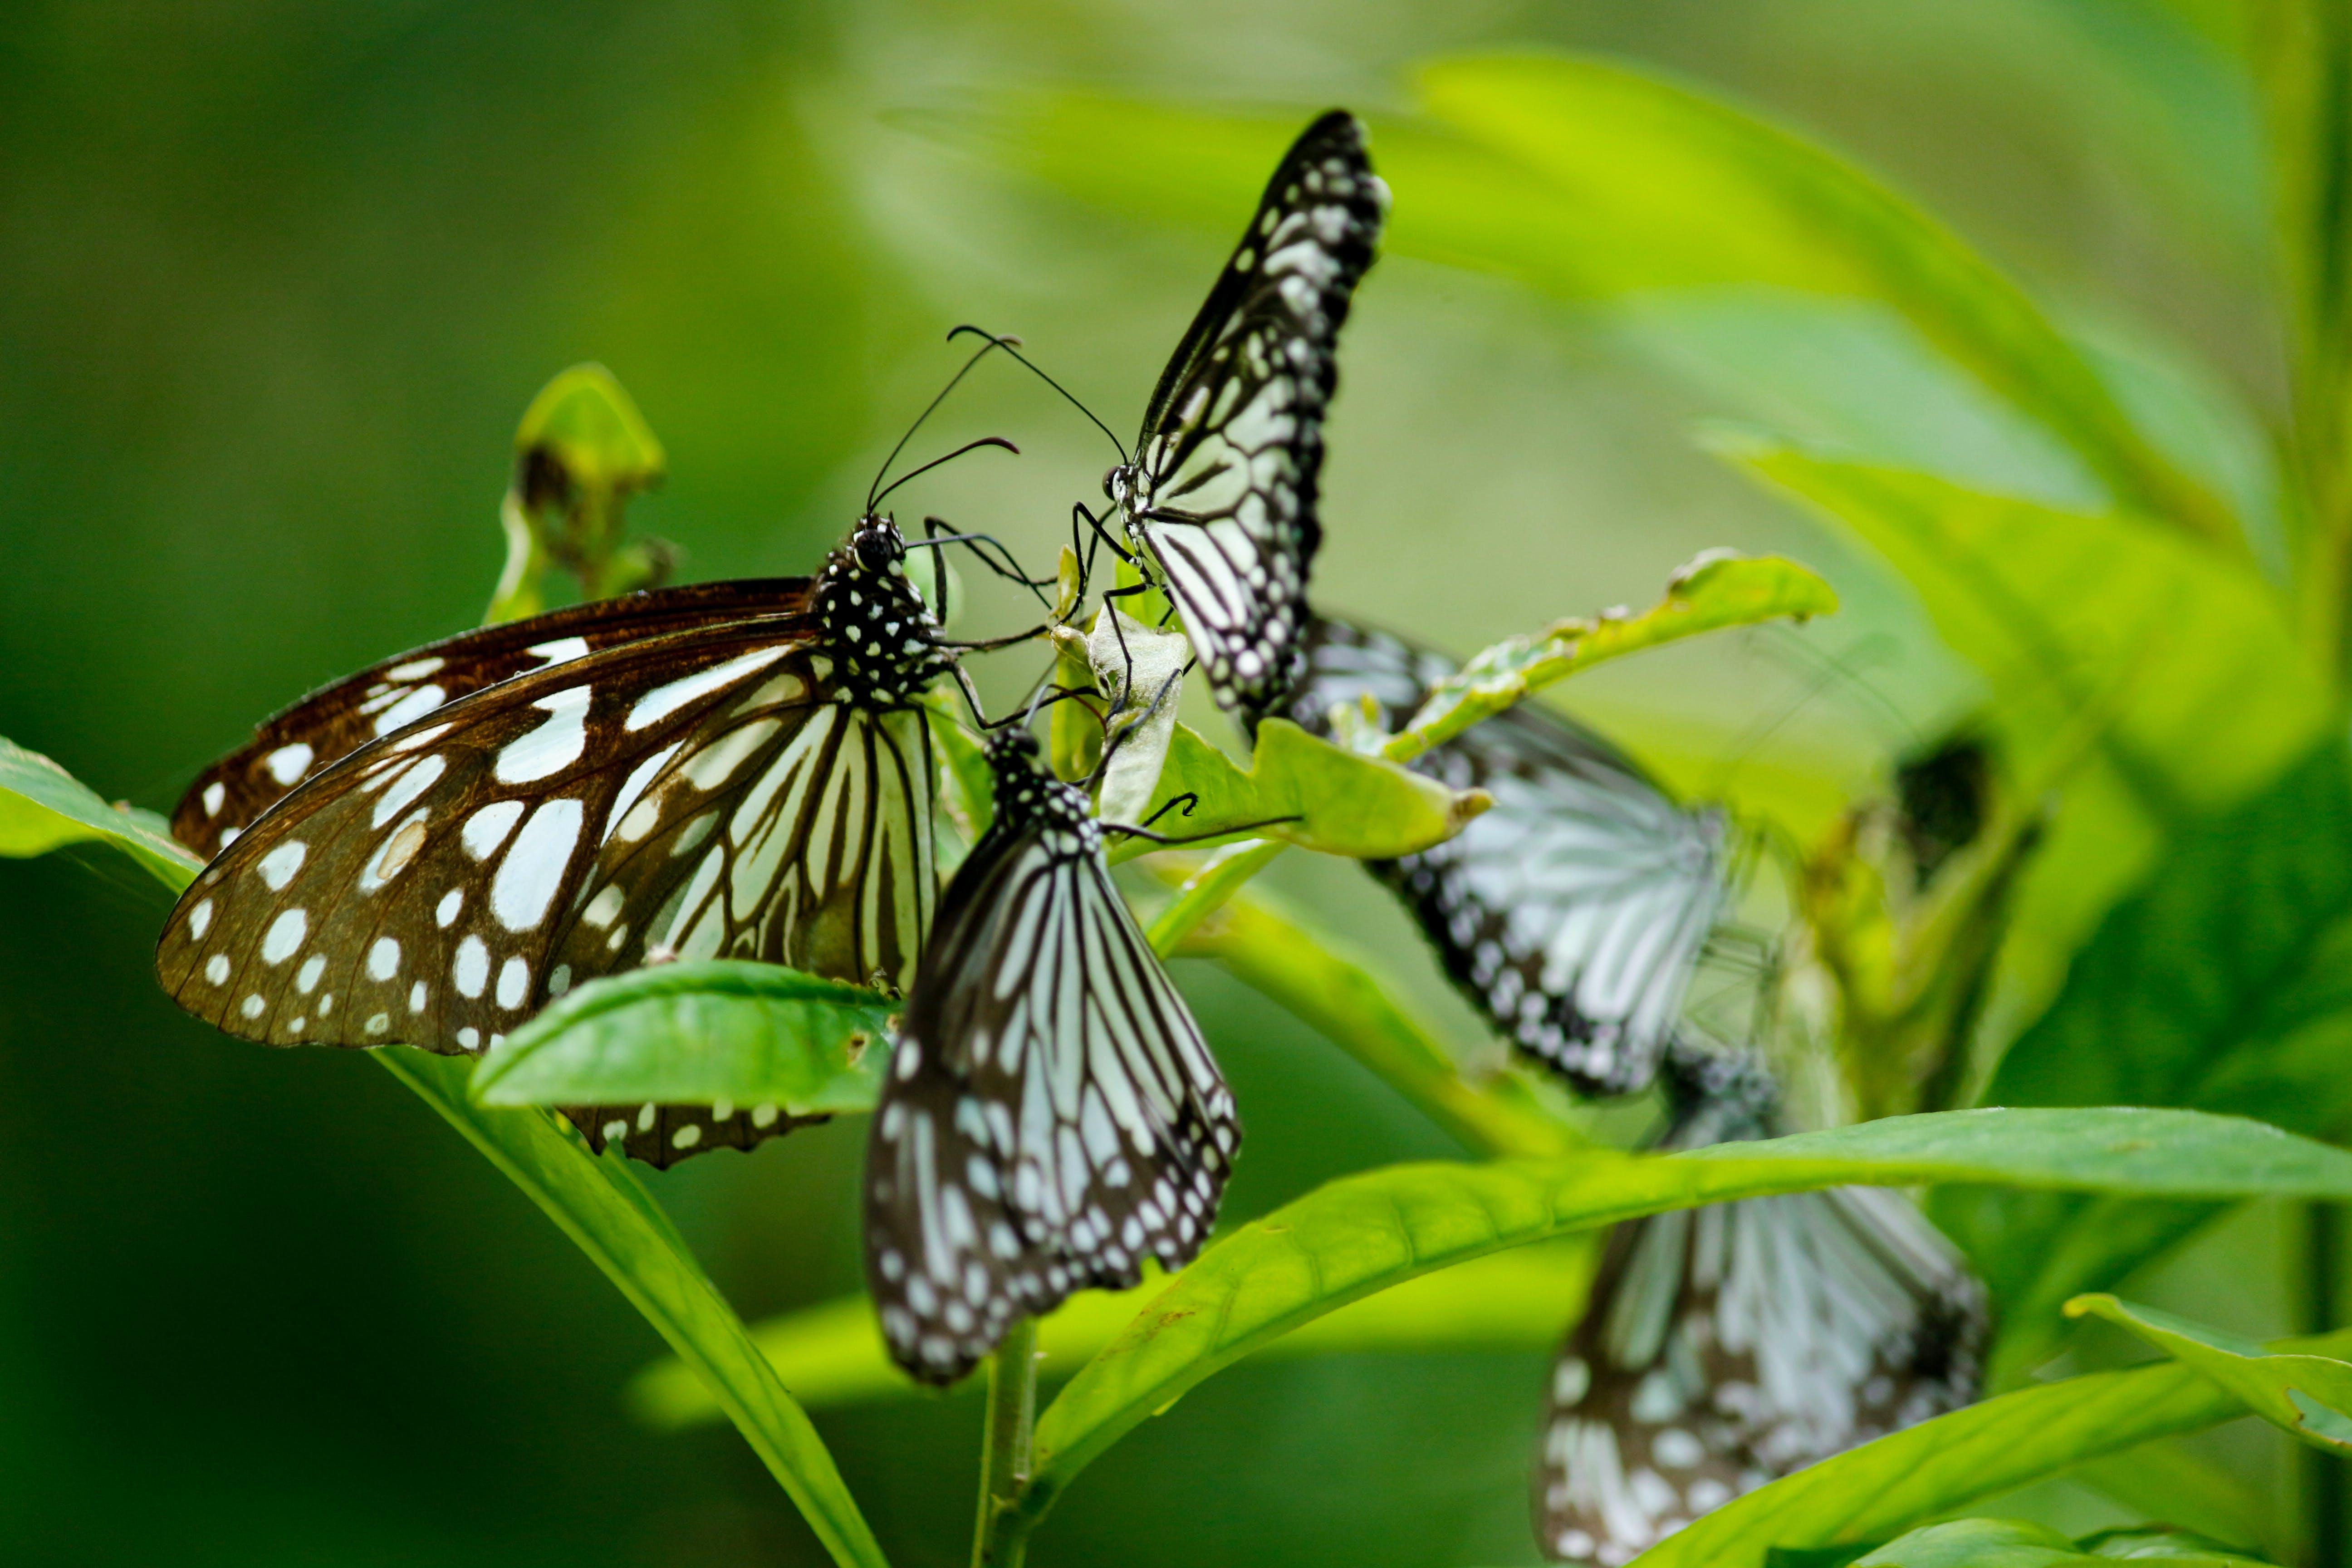 blur, butterflies, close-up